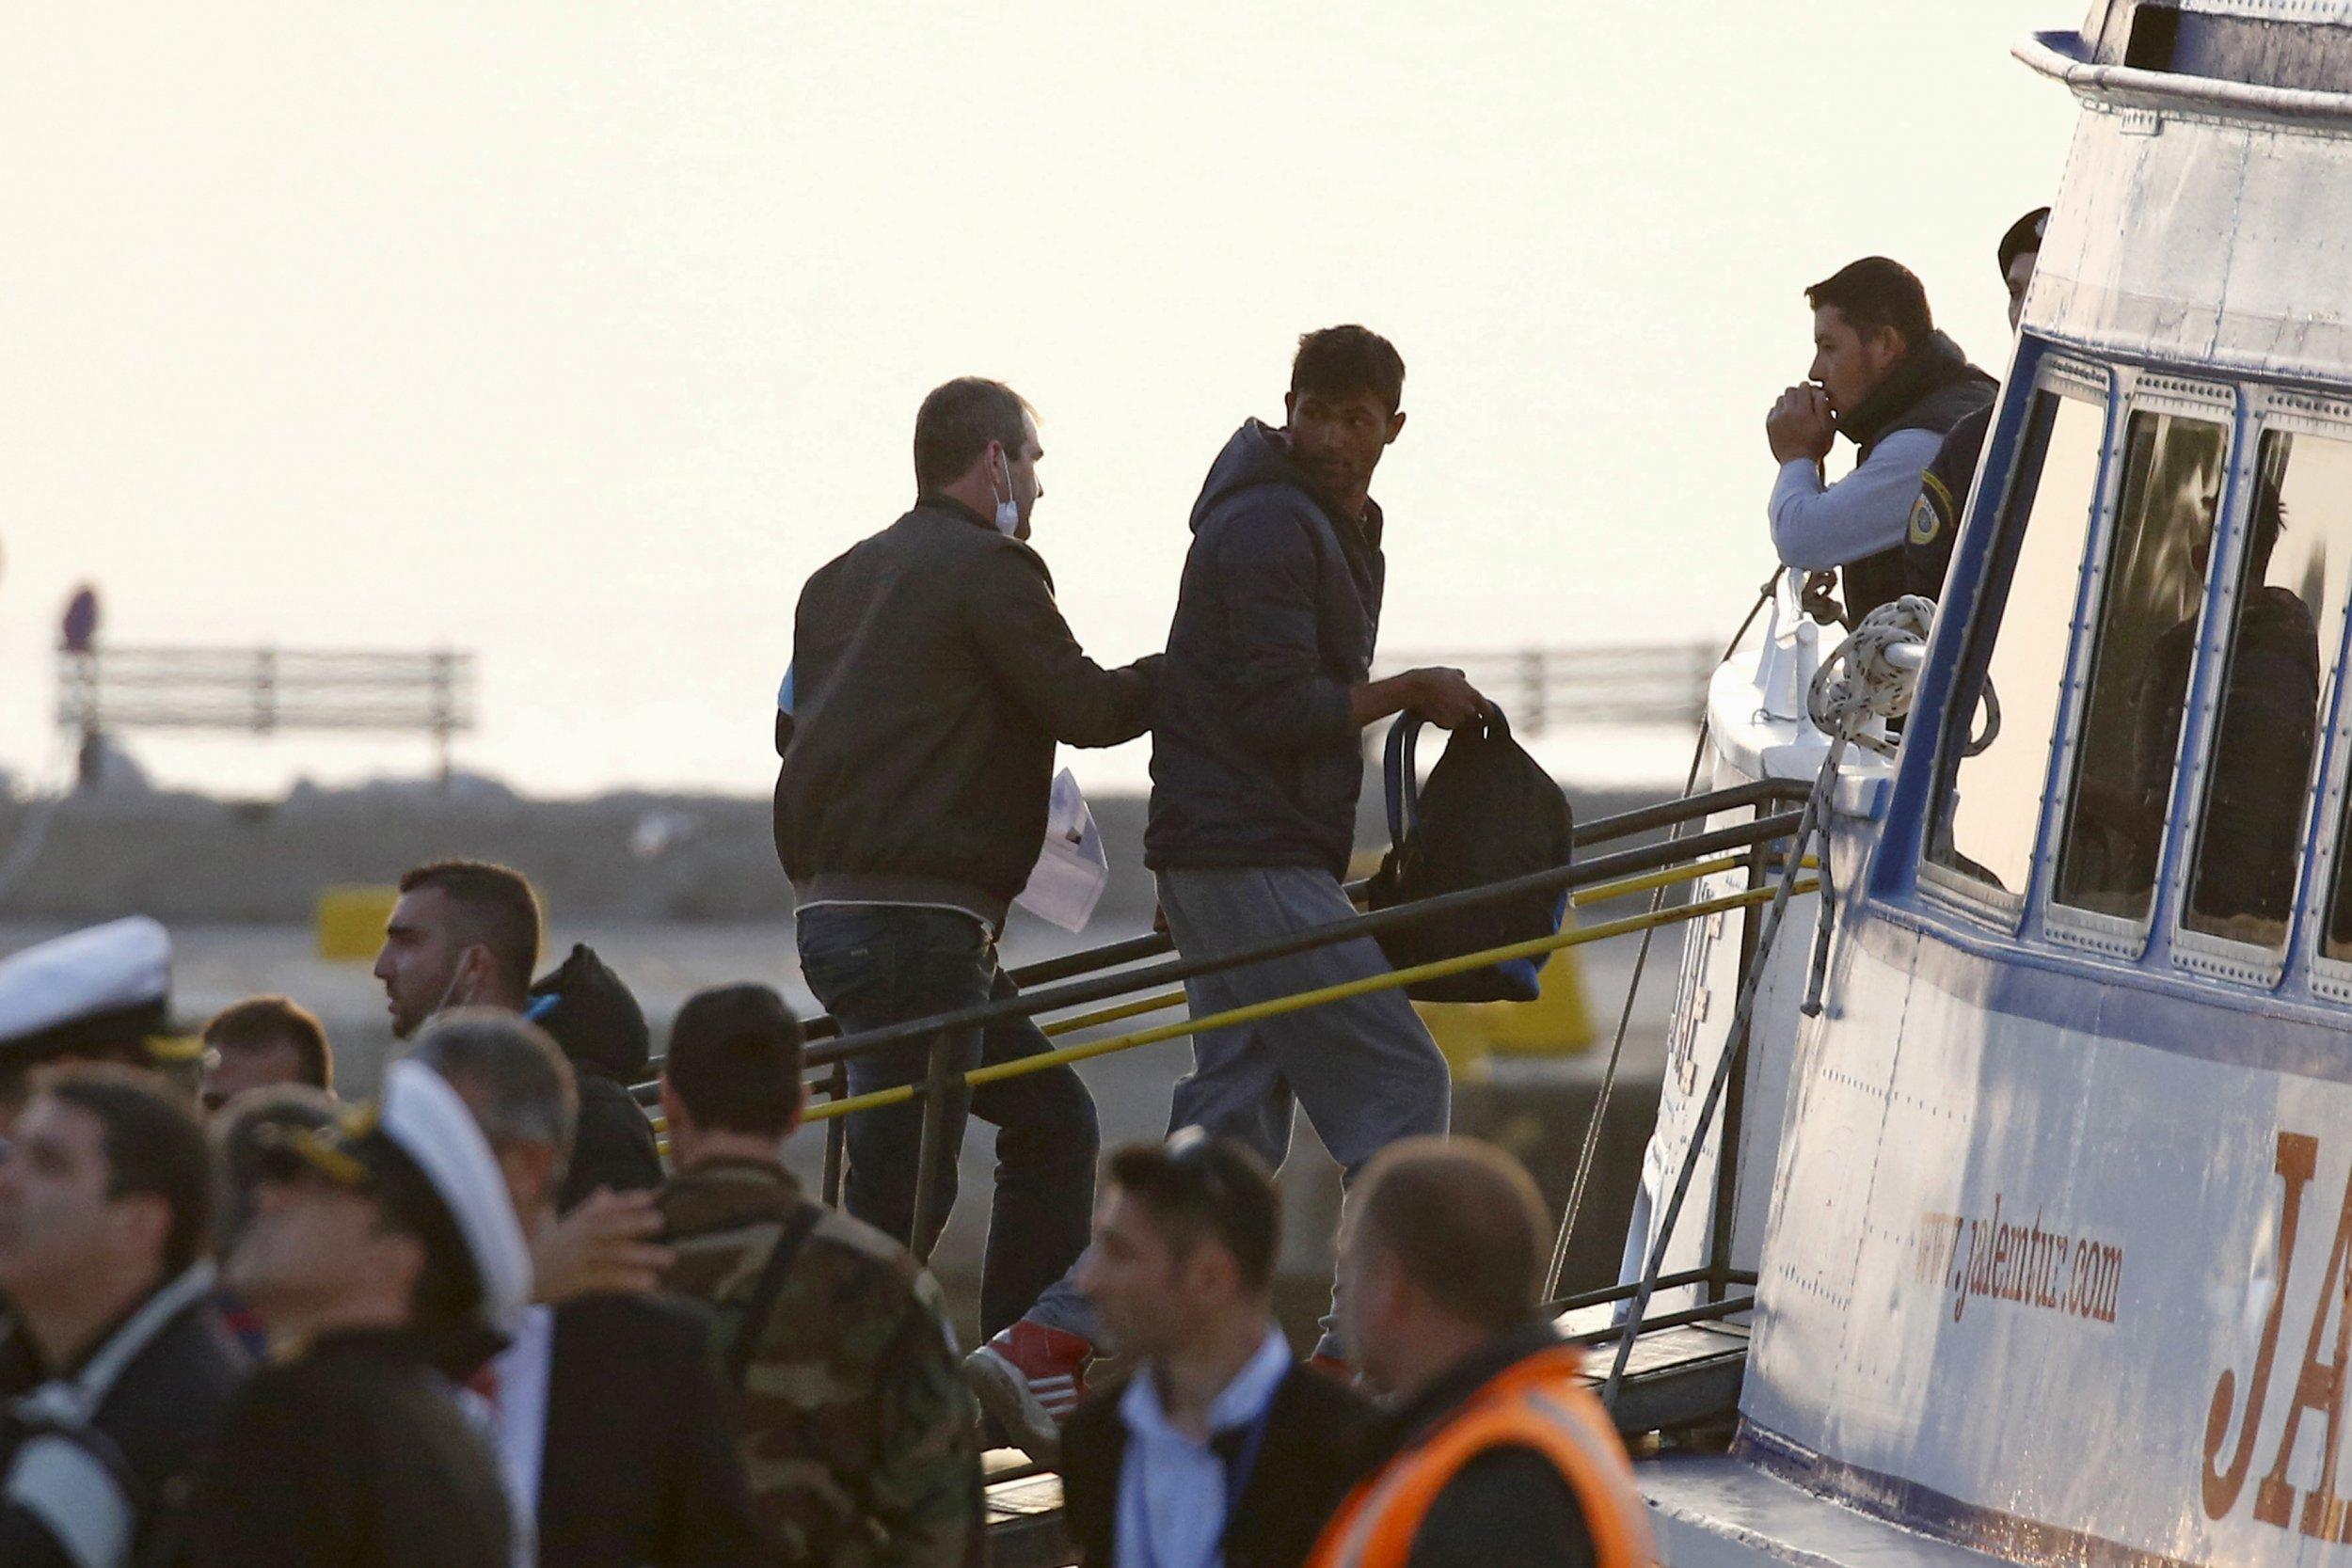 Refugee deportation